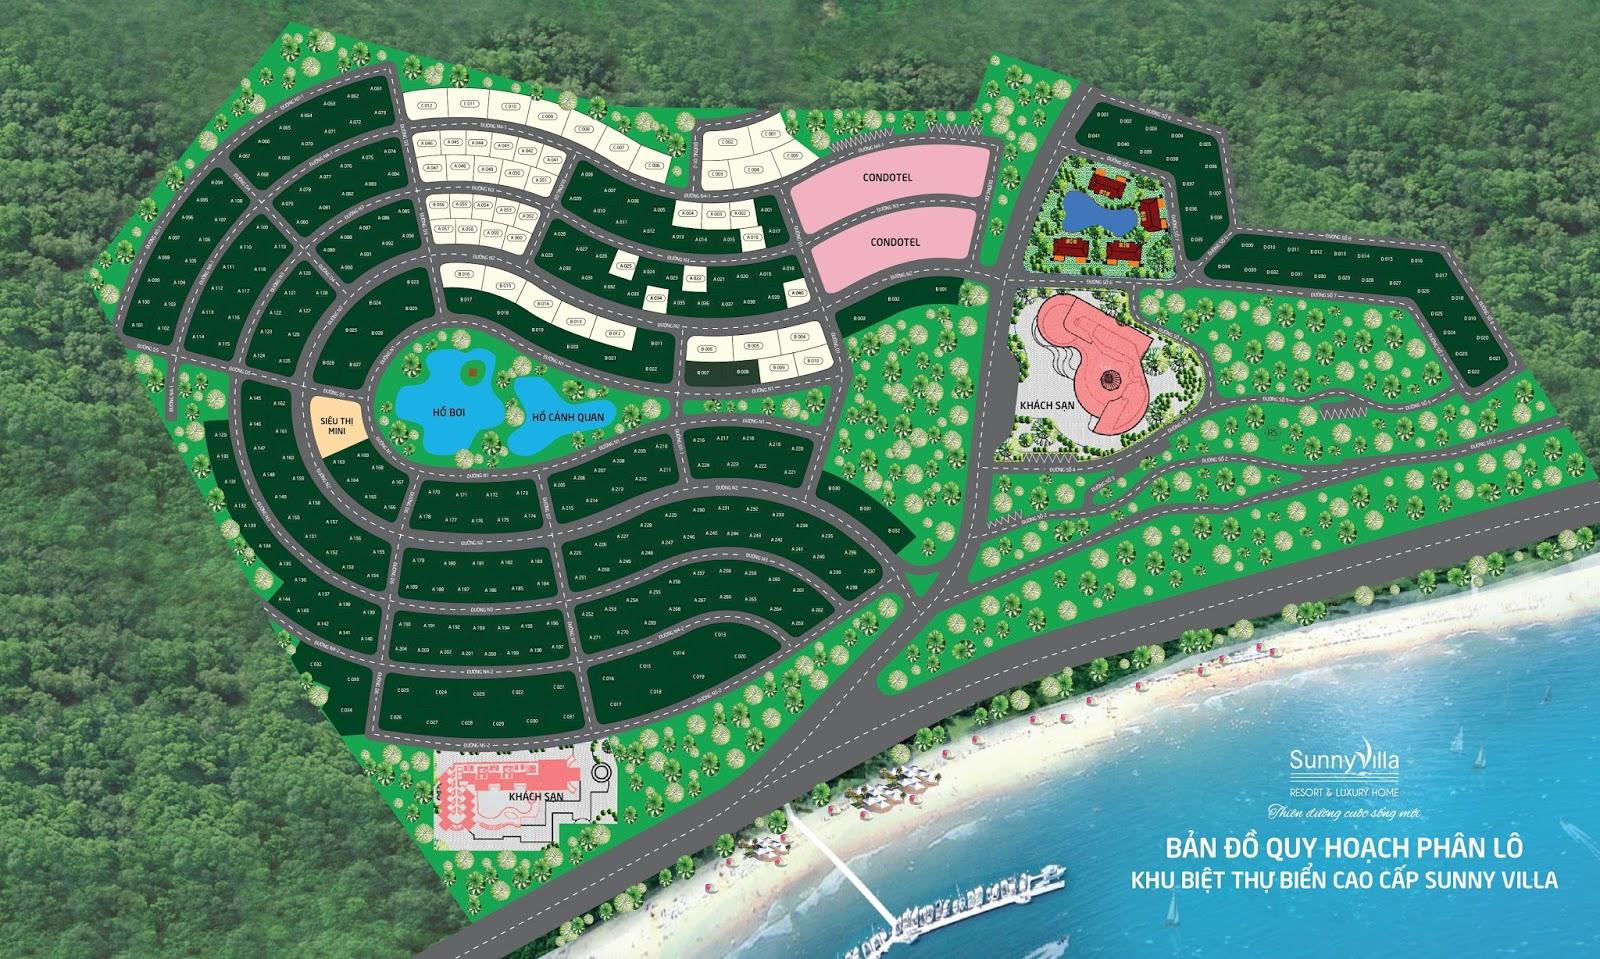 Sunny Villa Mũi Né – Lưng tựa núi, mặt hướng biển